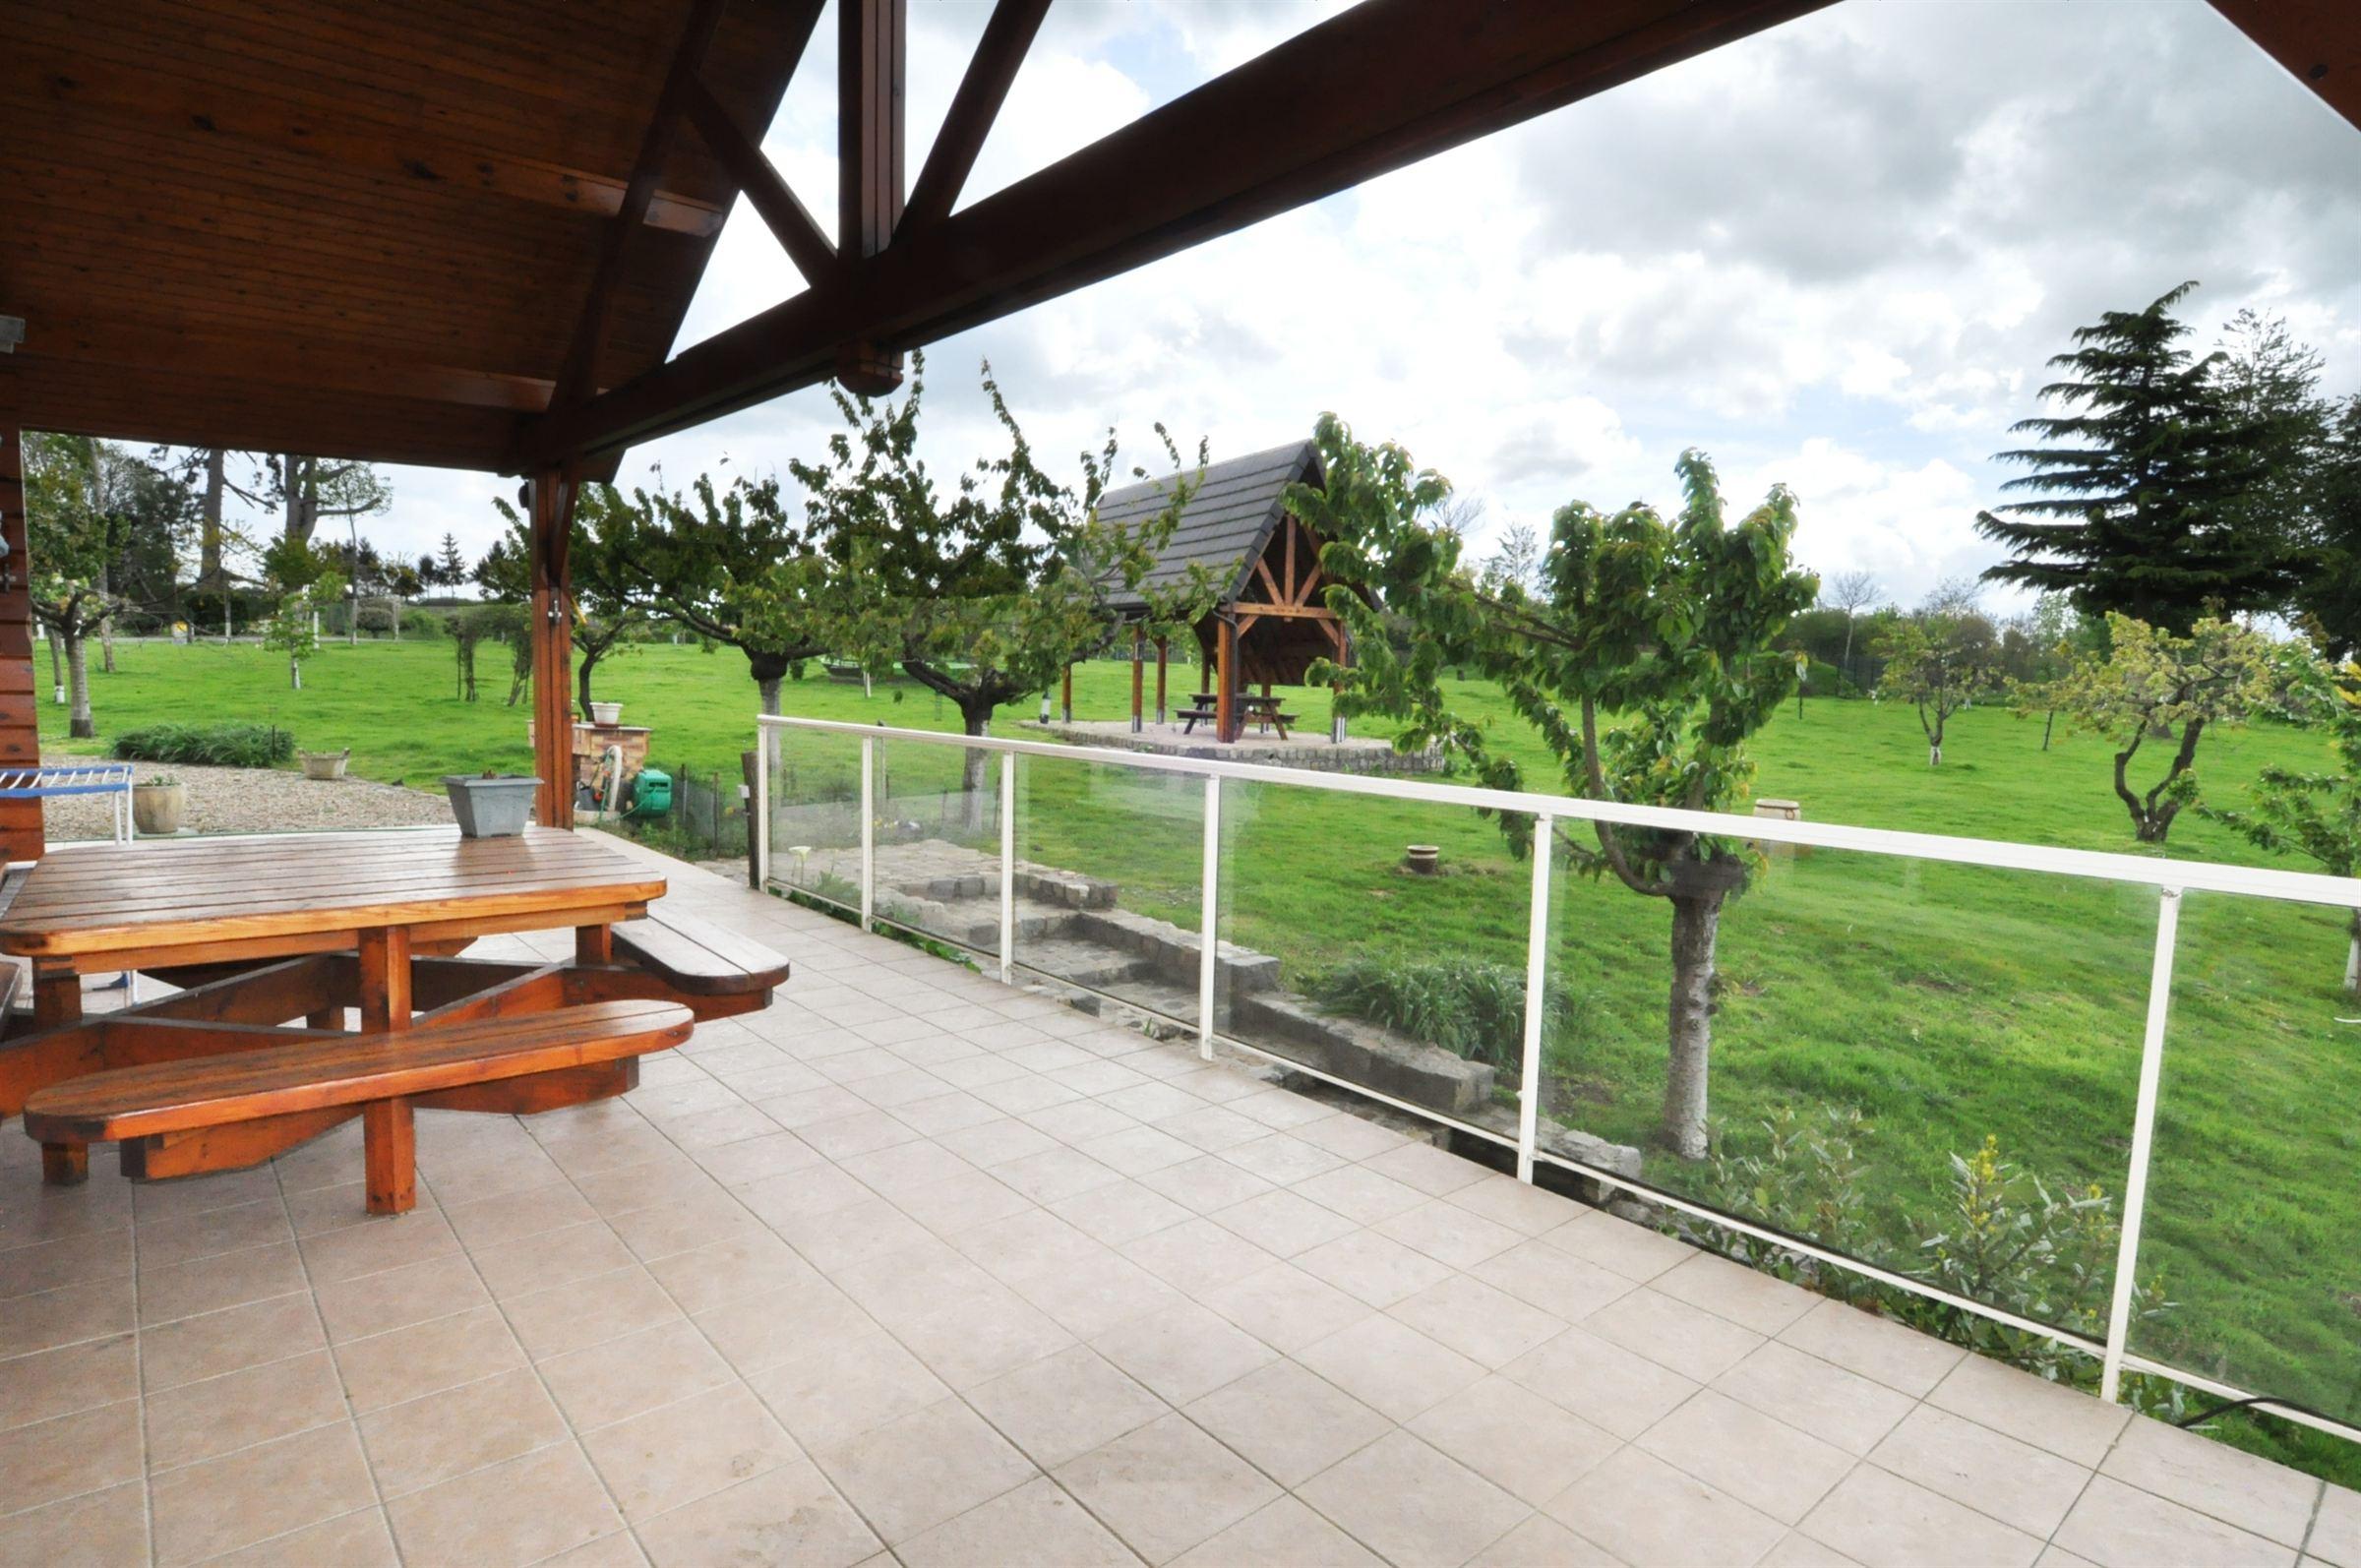 Property For Sale at CAMBRAI 30km, Propriété de chasse sur 21 Ha, et Chalet 340 m2 Hab 5 beds.